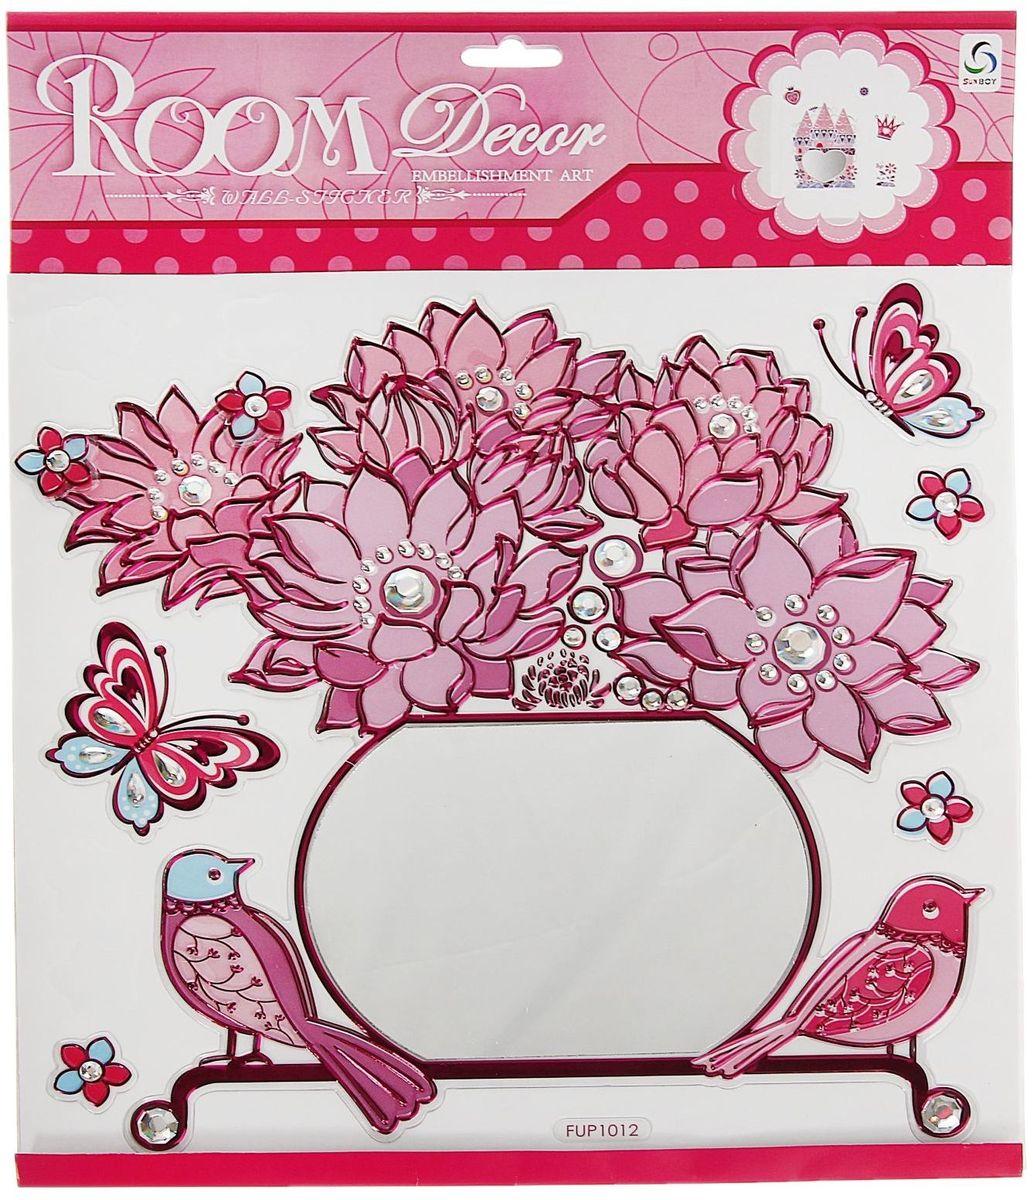 Room Decor Наклейка зеркальная Ваза с цветами room decor наклейка фоторамка интерьерная домашний уют 1193594 14